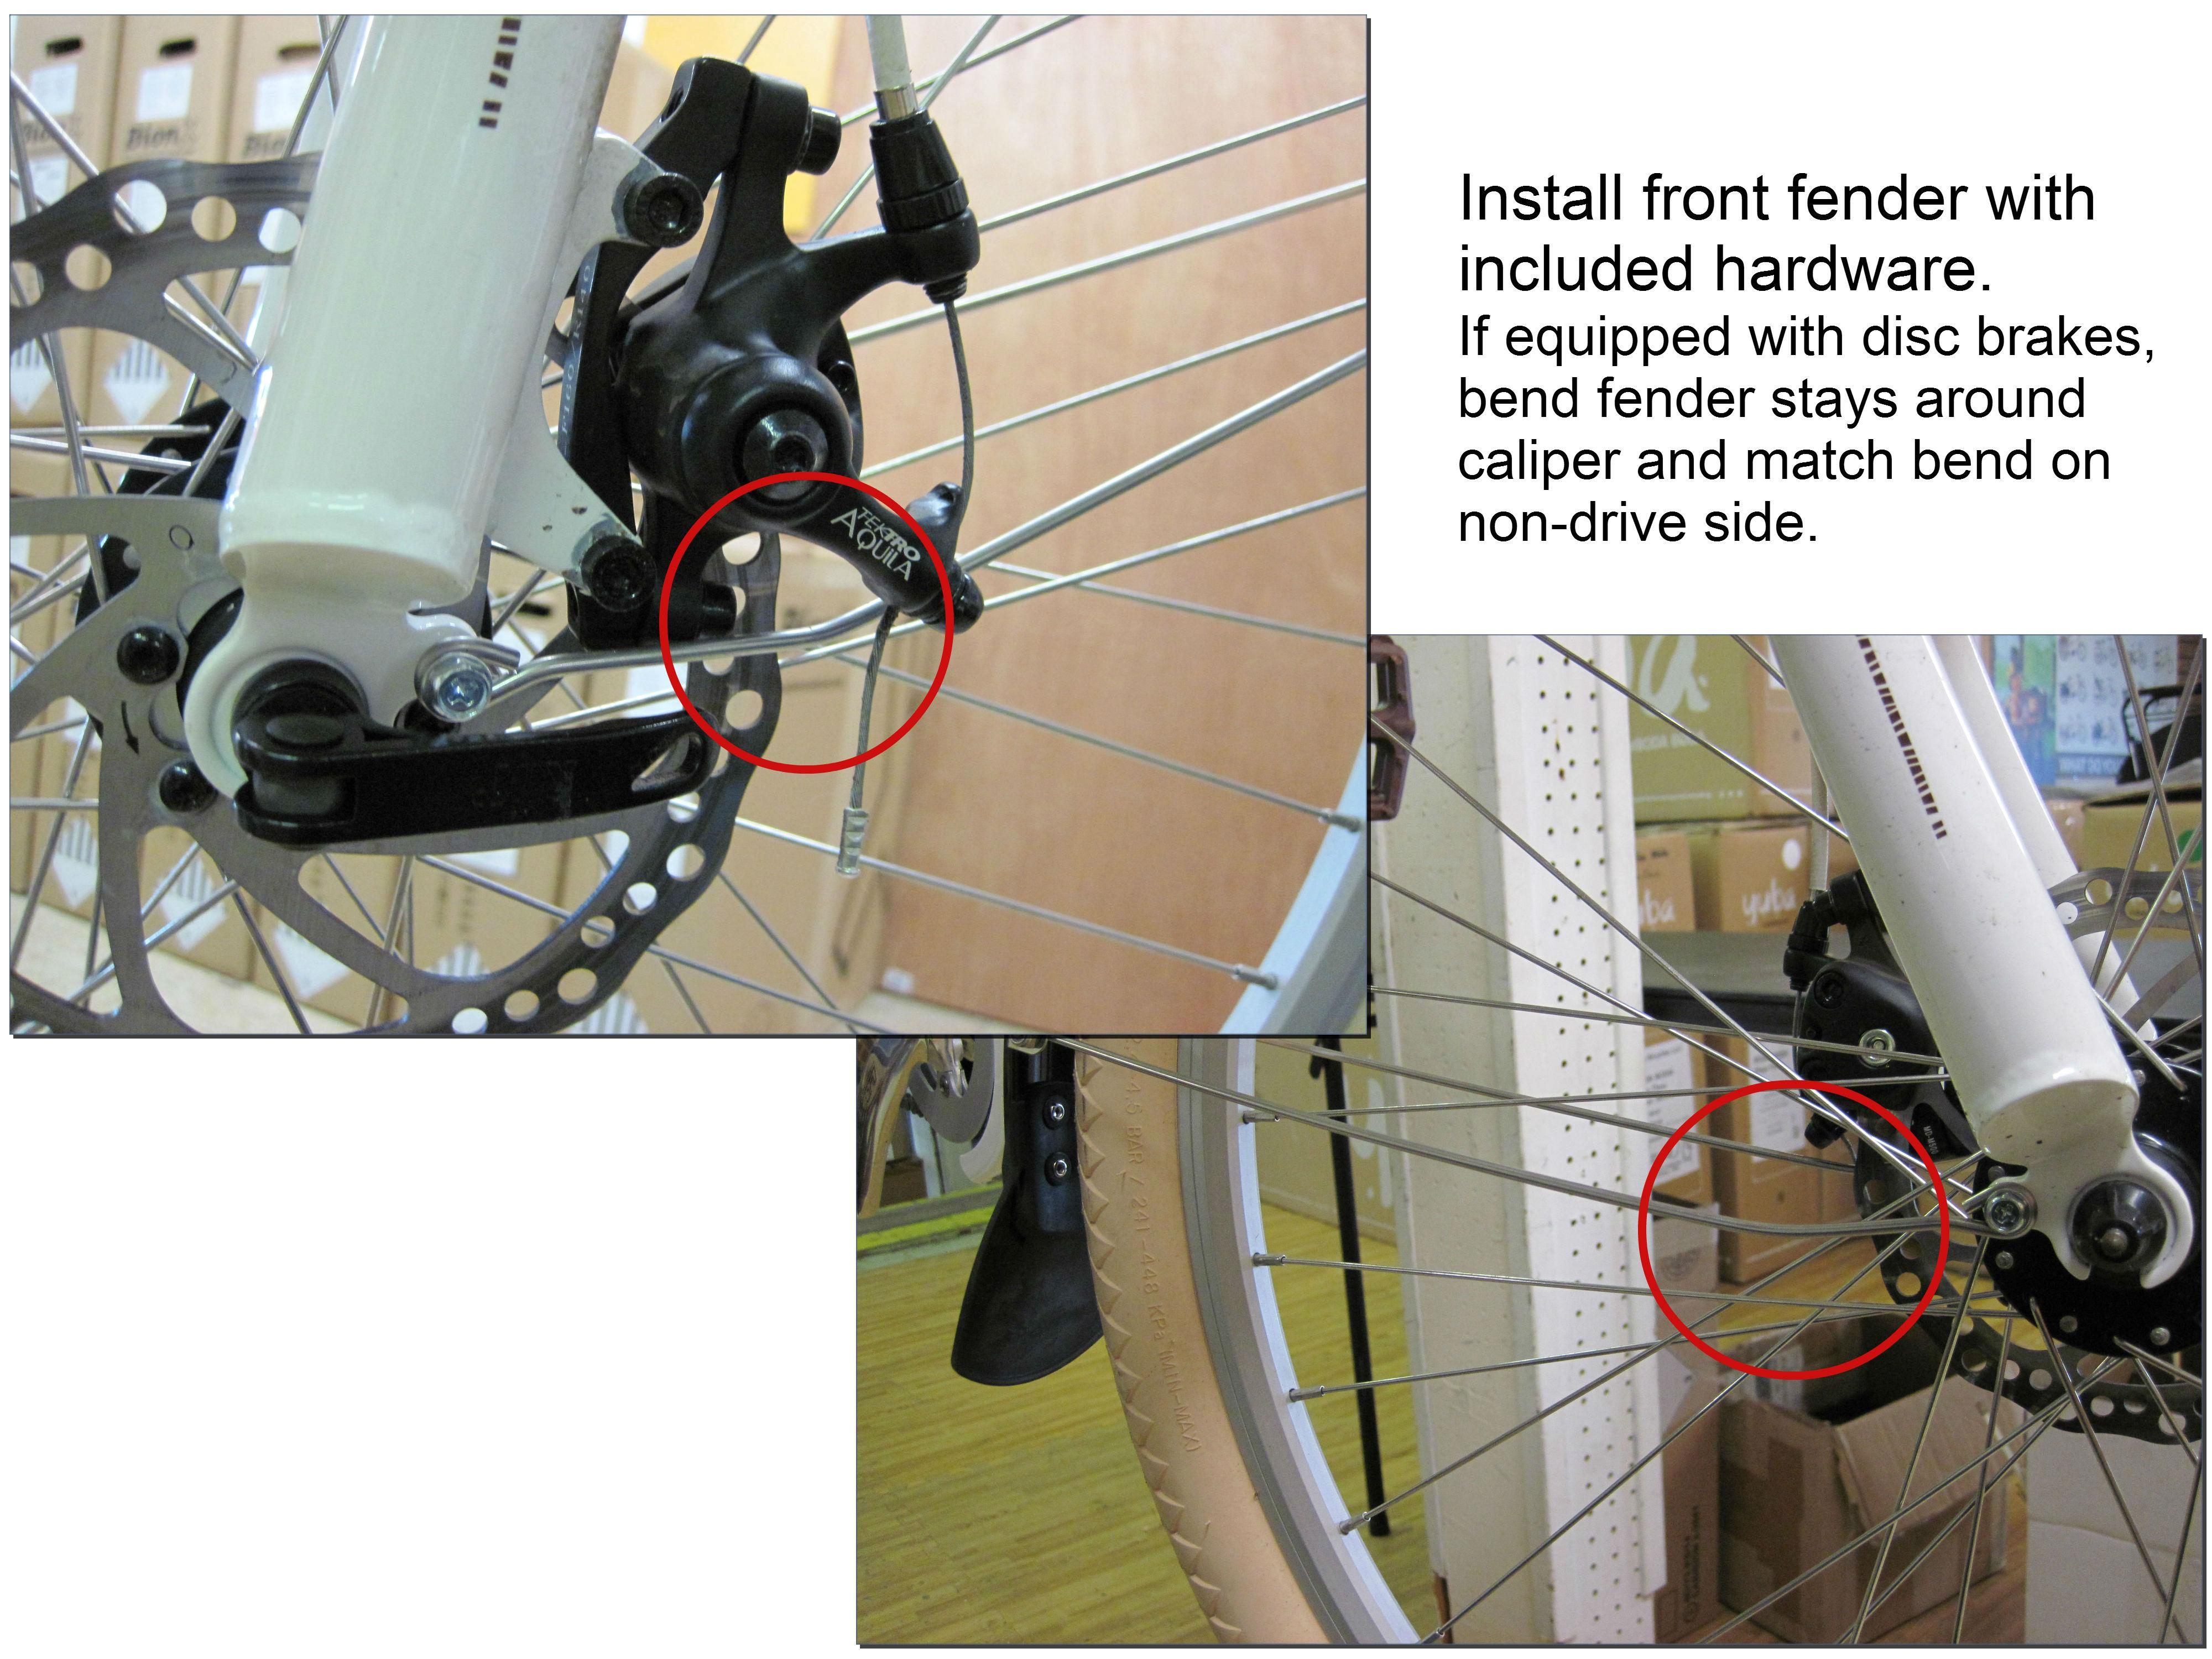 1) Front fender